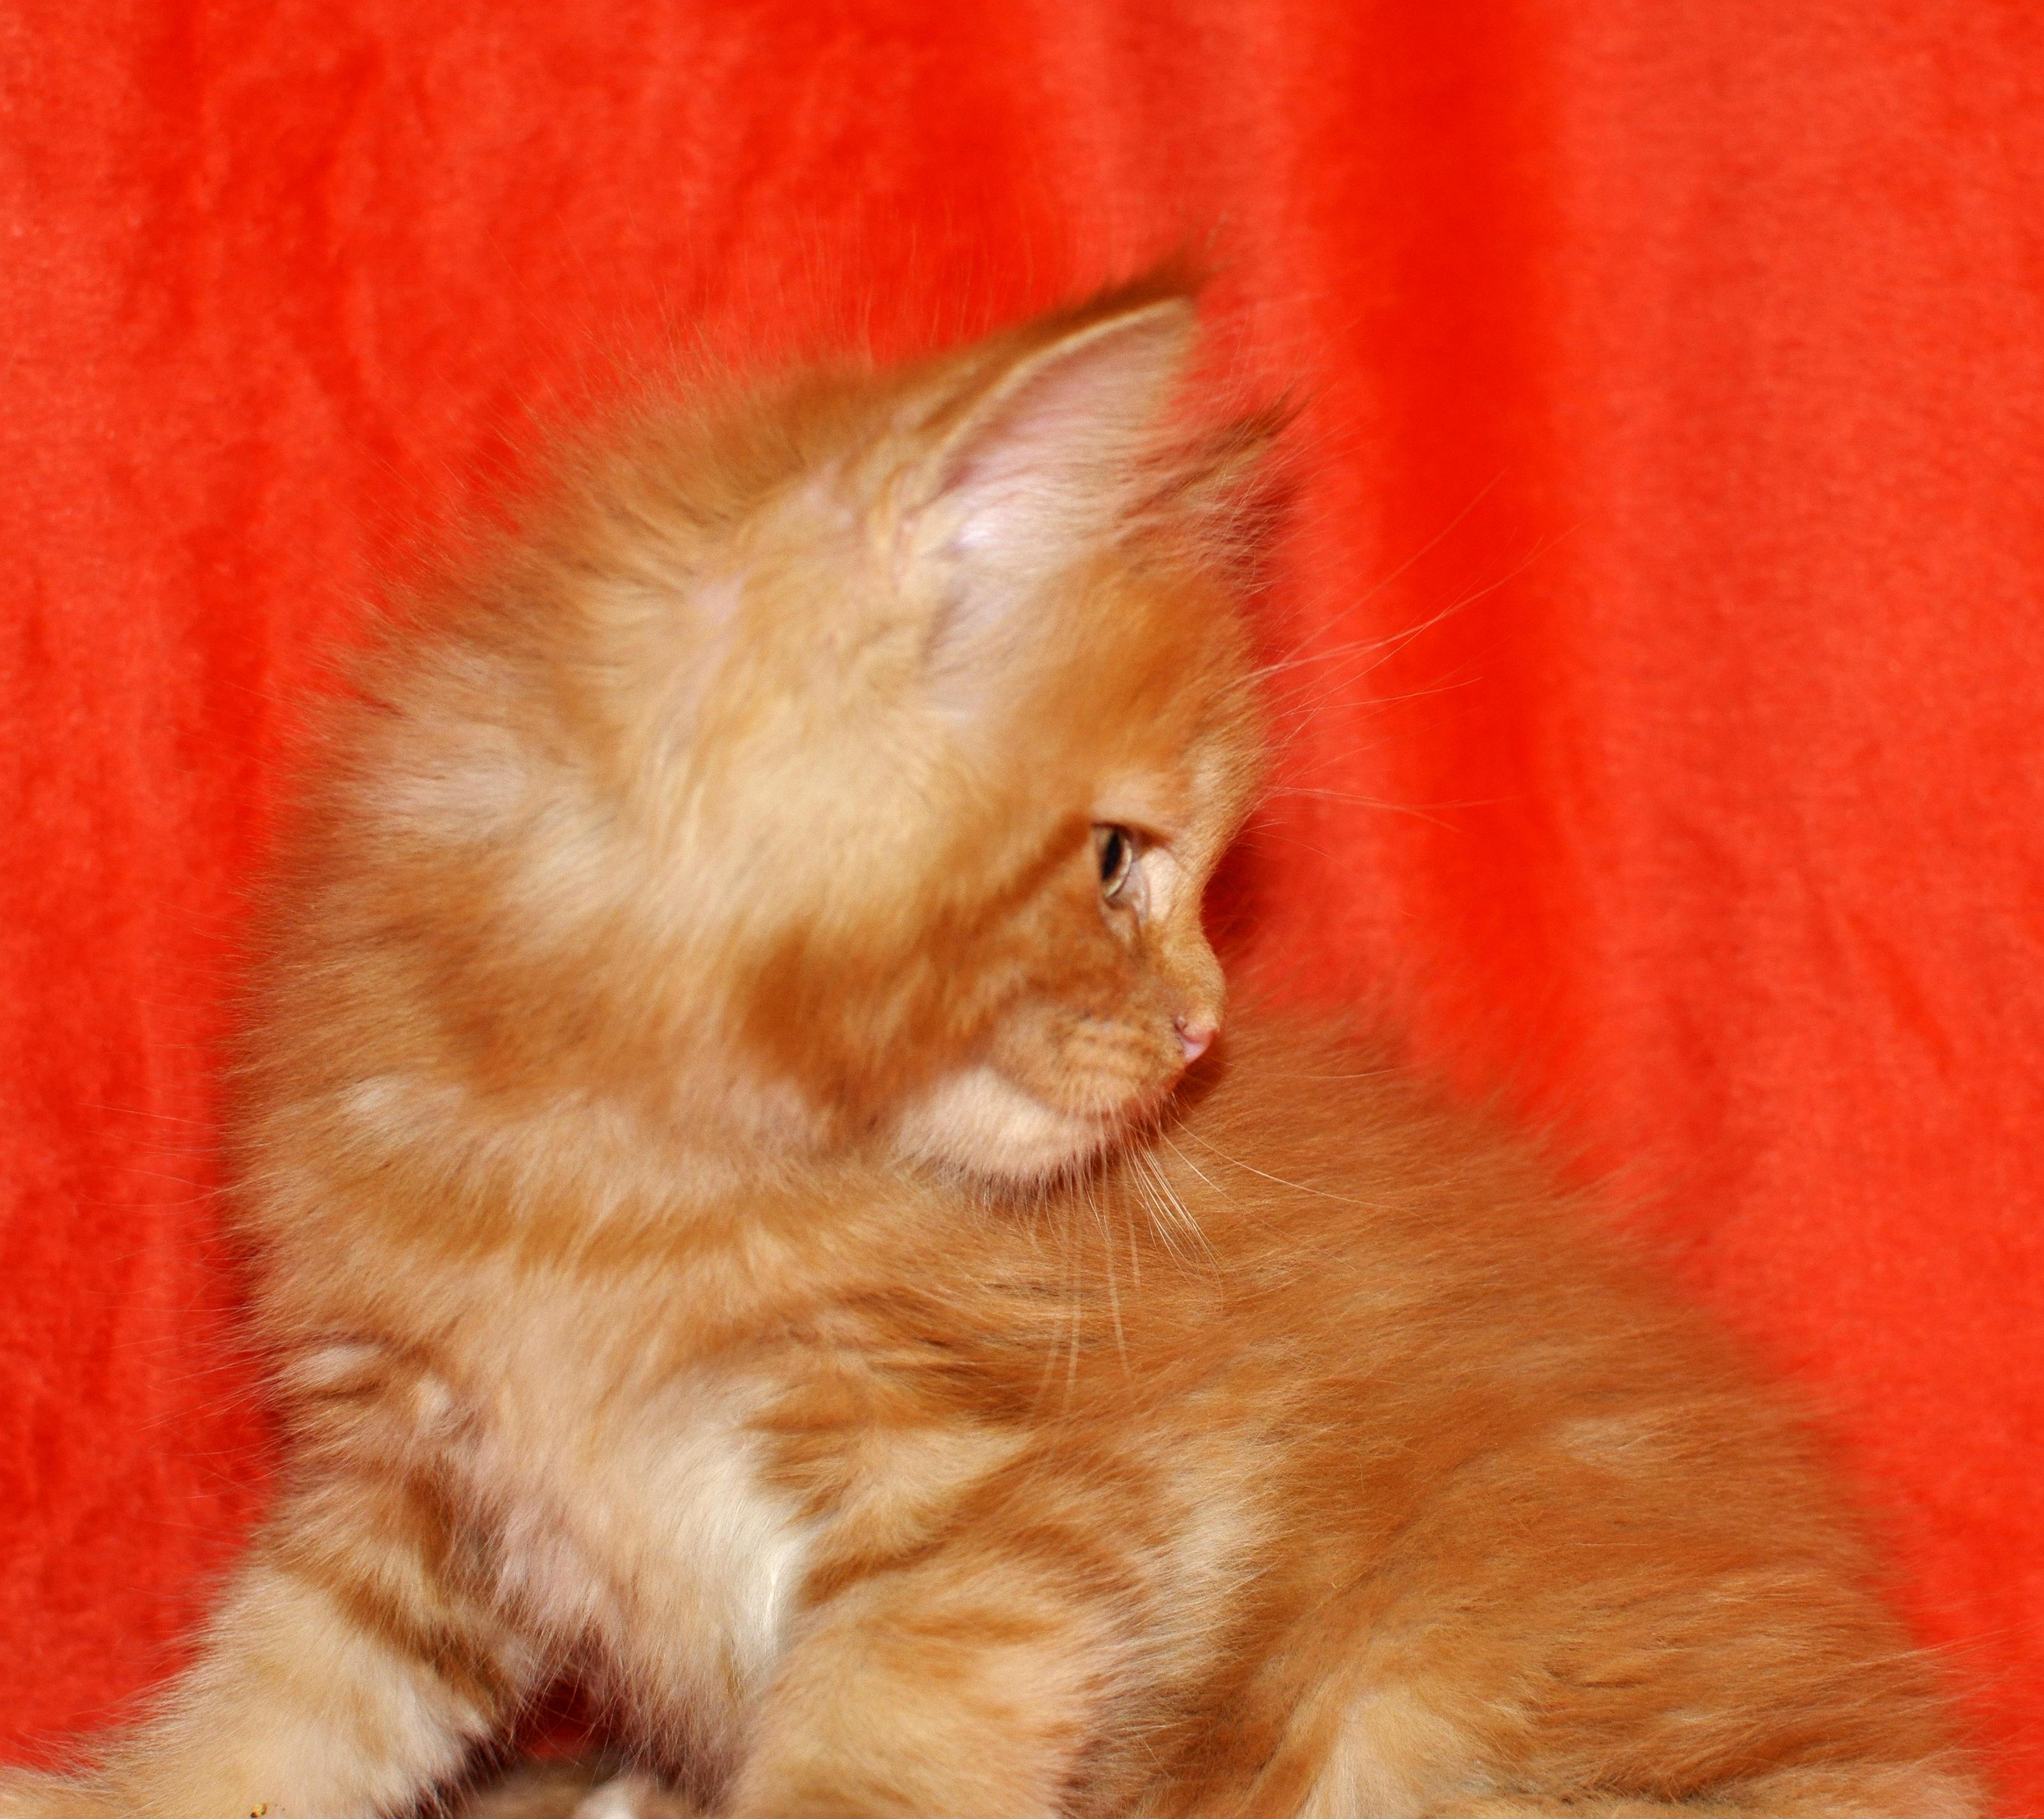 Kocięta | Maaine Coon | kittens